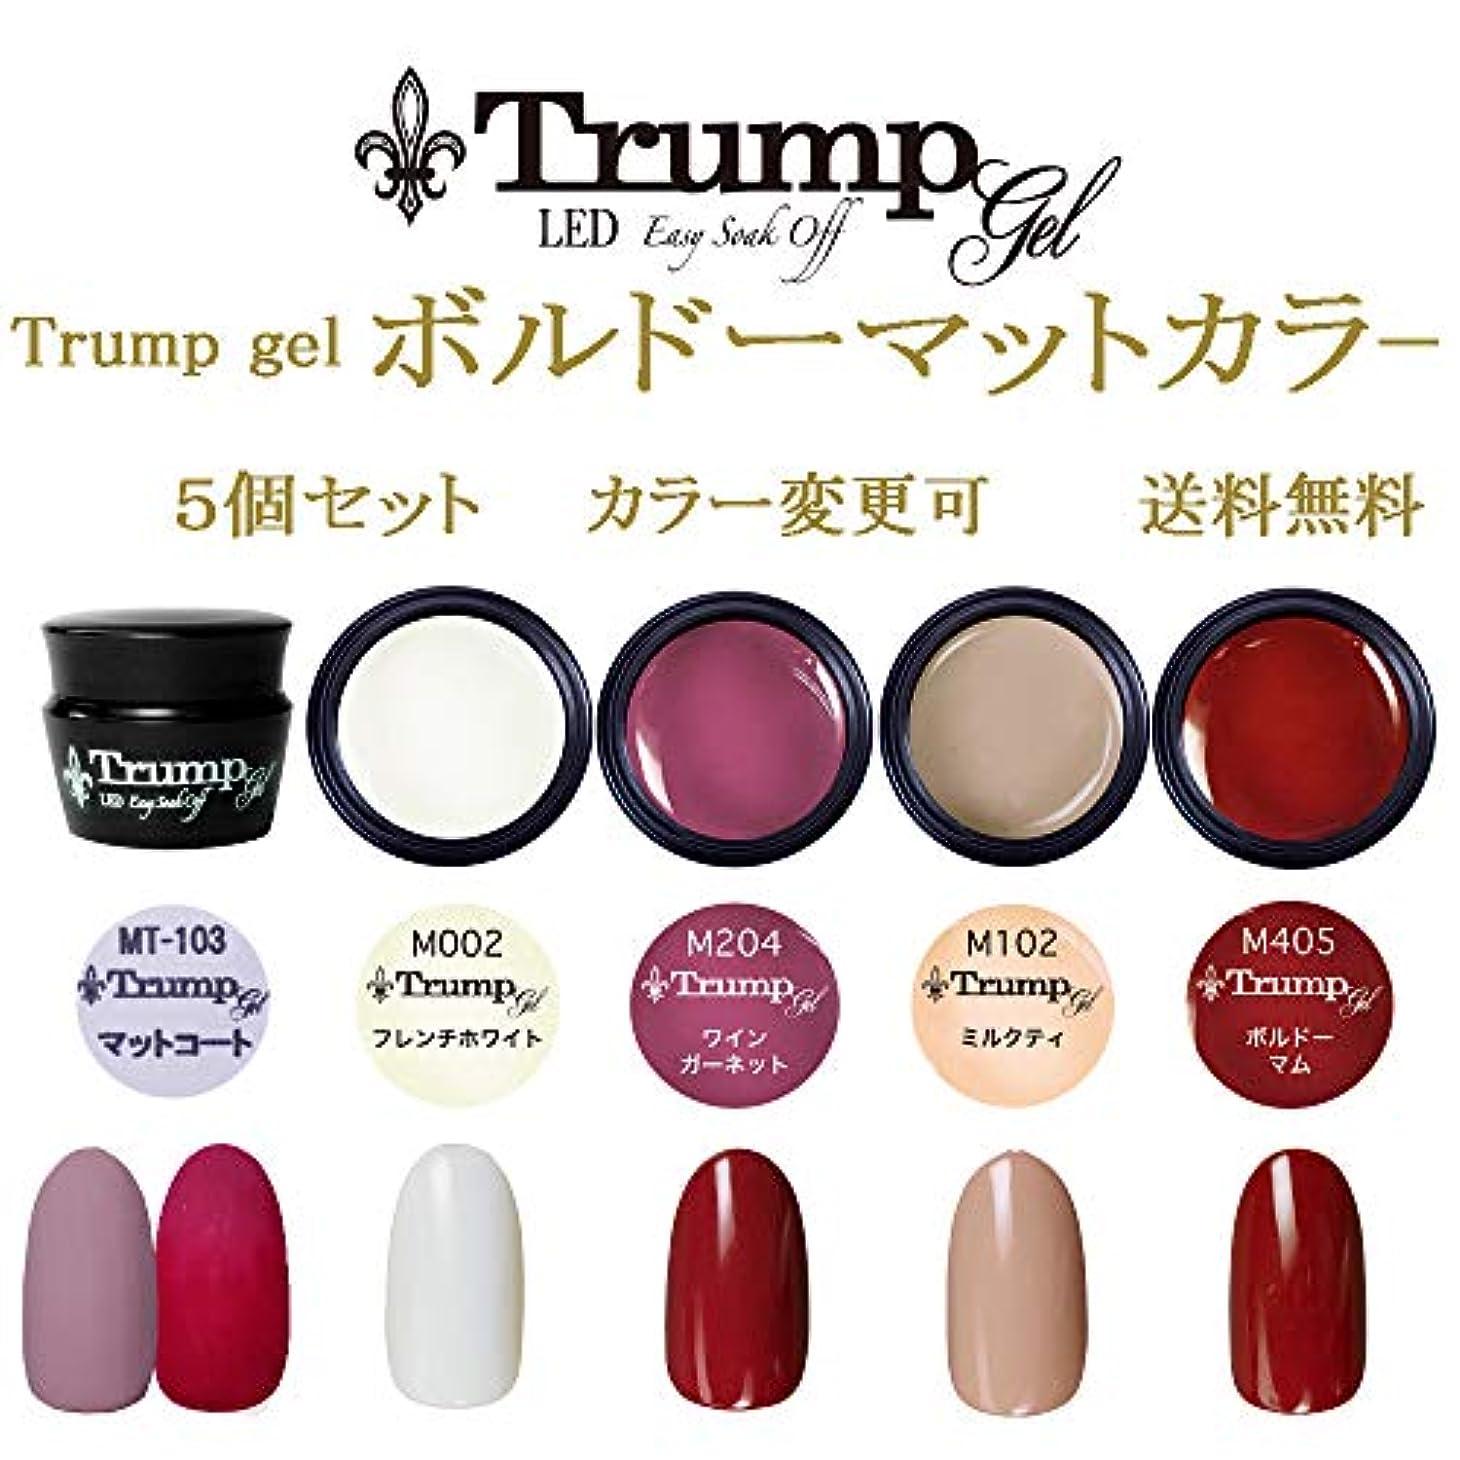 決定する突き出す覆す日本製 Trump gel トランプジェル ボルドー マット カラー 選べる カラージェル 5個セット マットコート ホワイト ワイン レッド ベージュ